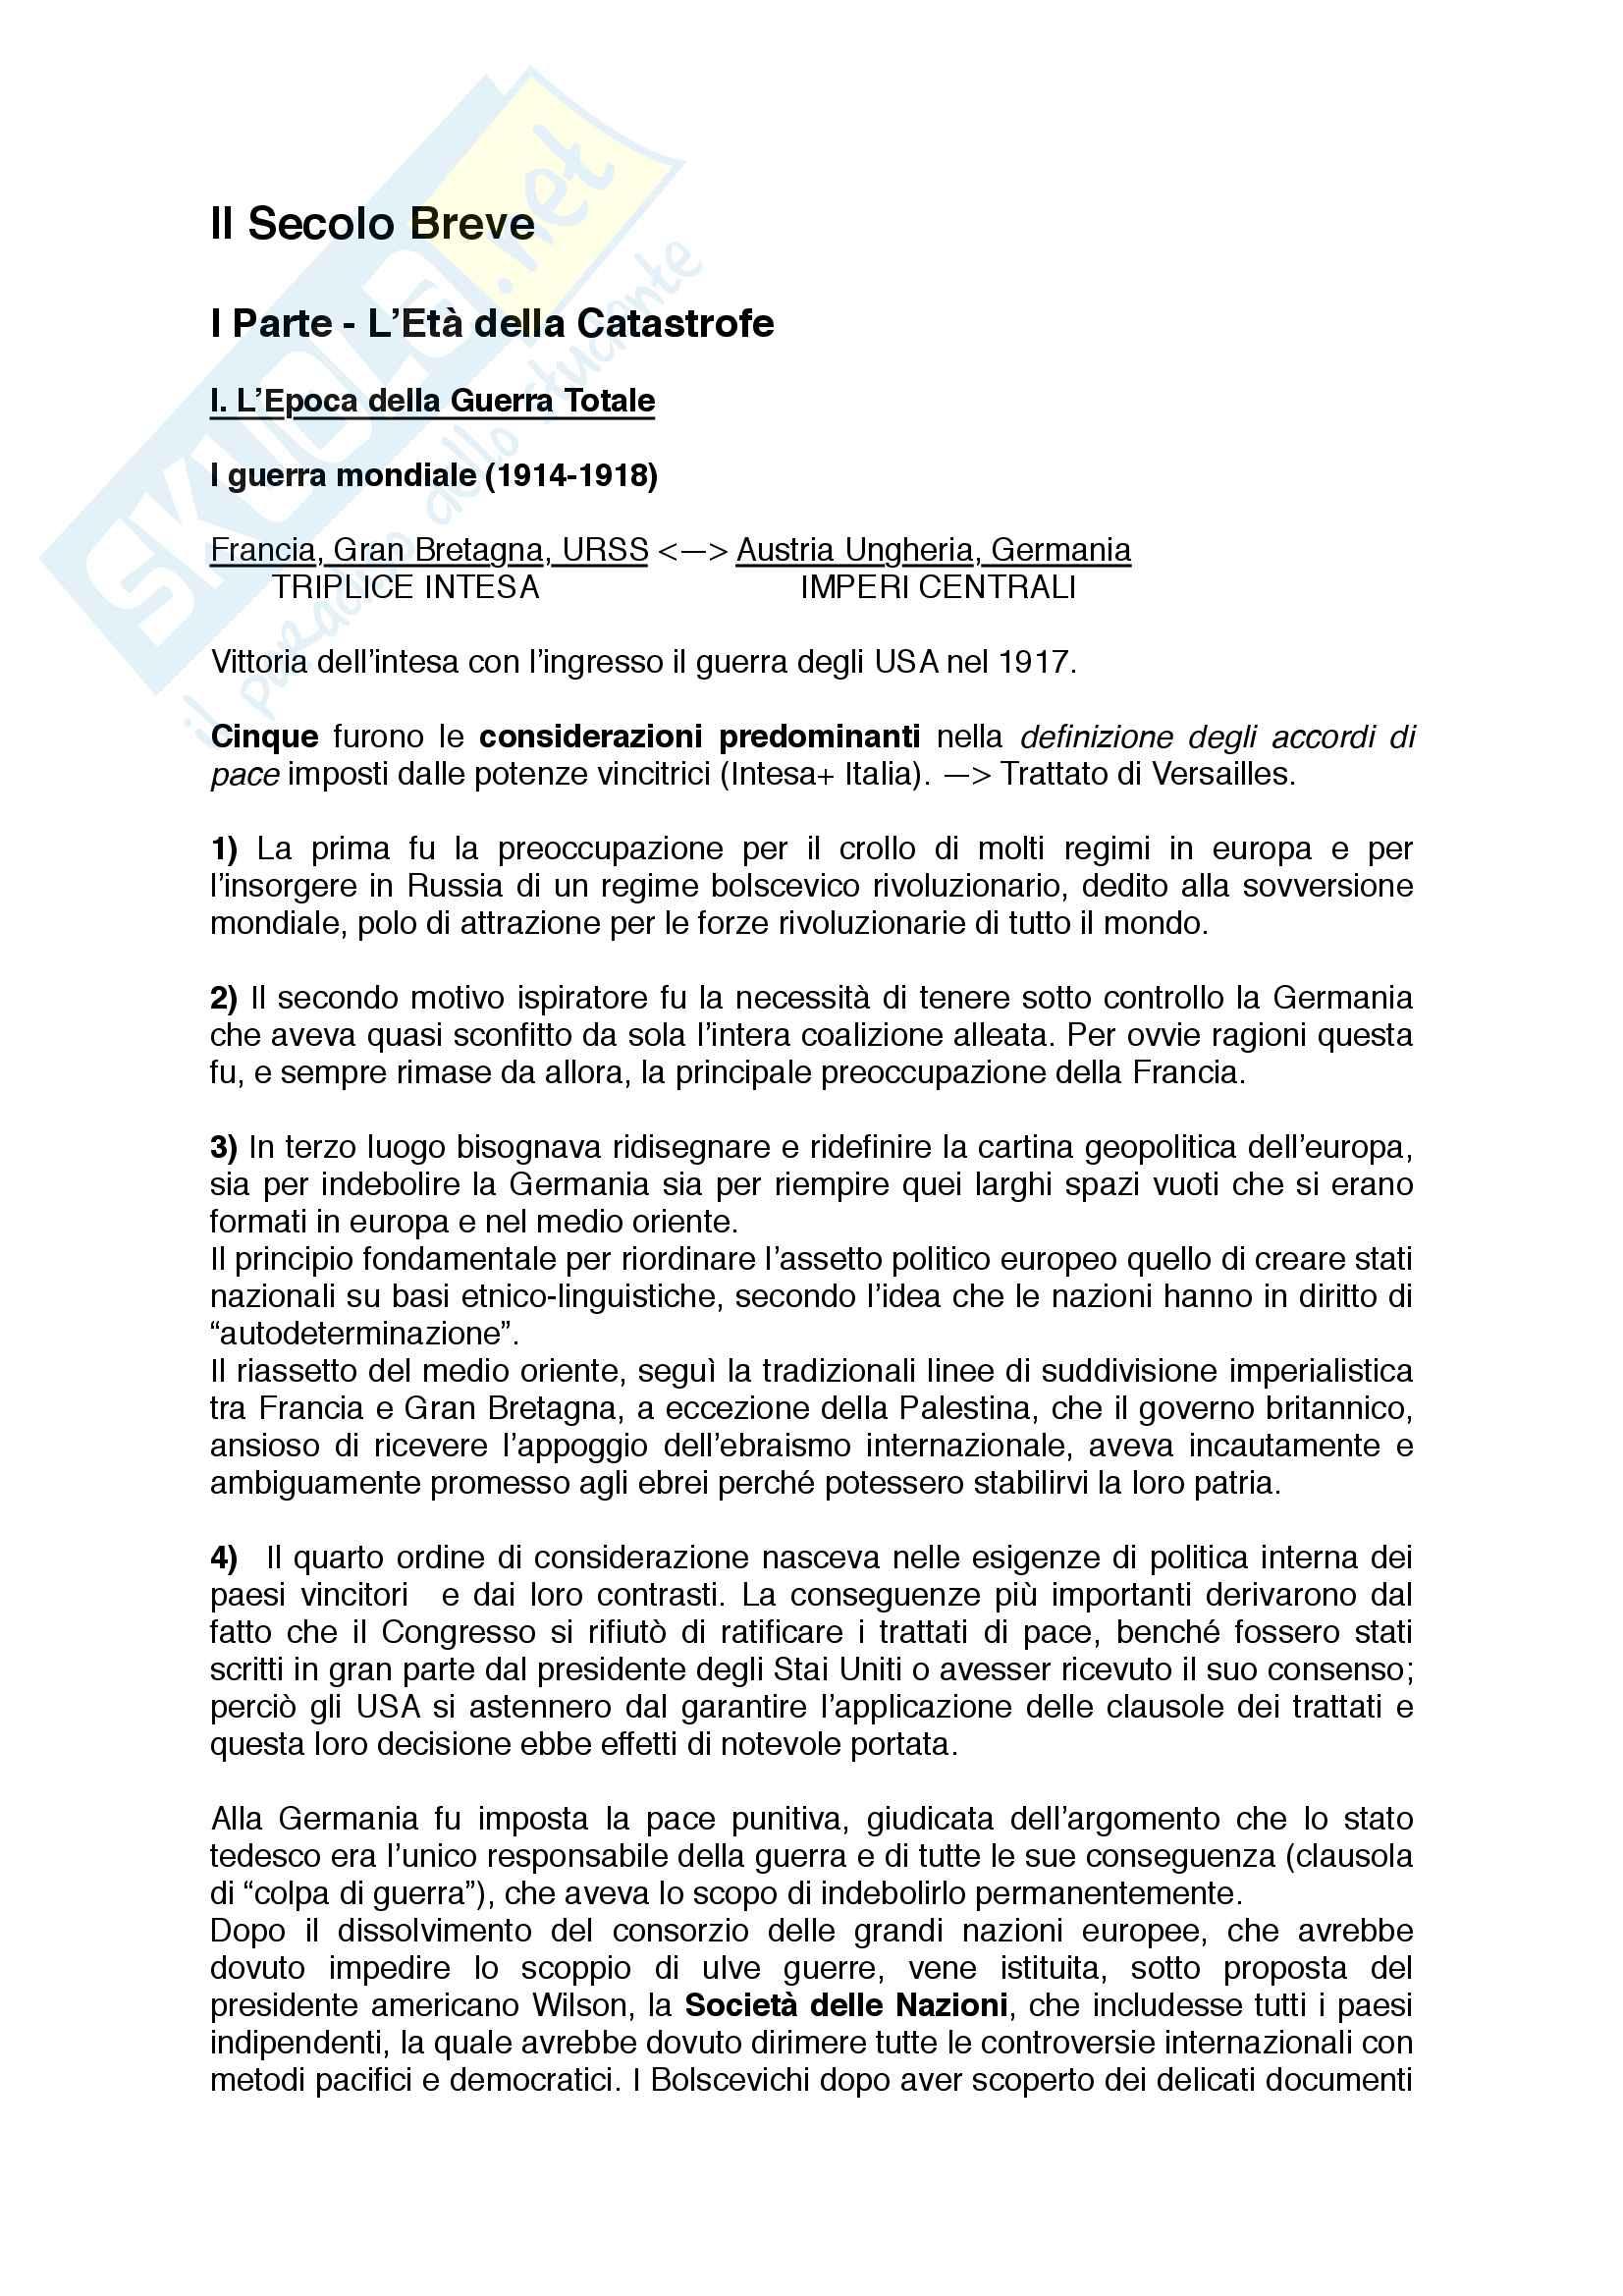 Riassunto esame Storia Contemporanea, Docente Davide Baviello, Università degli Studi di Firenze